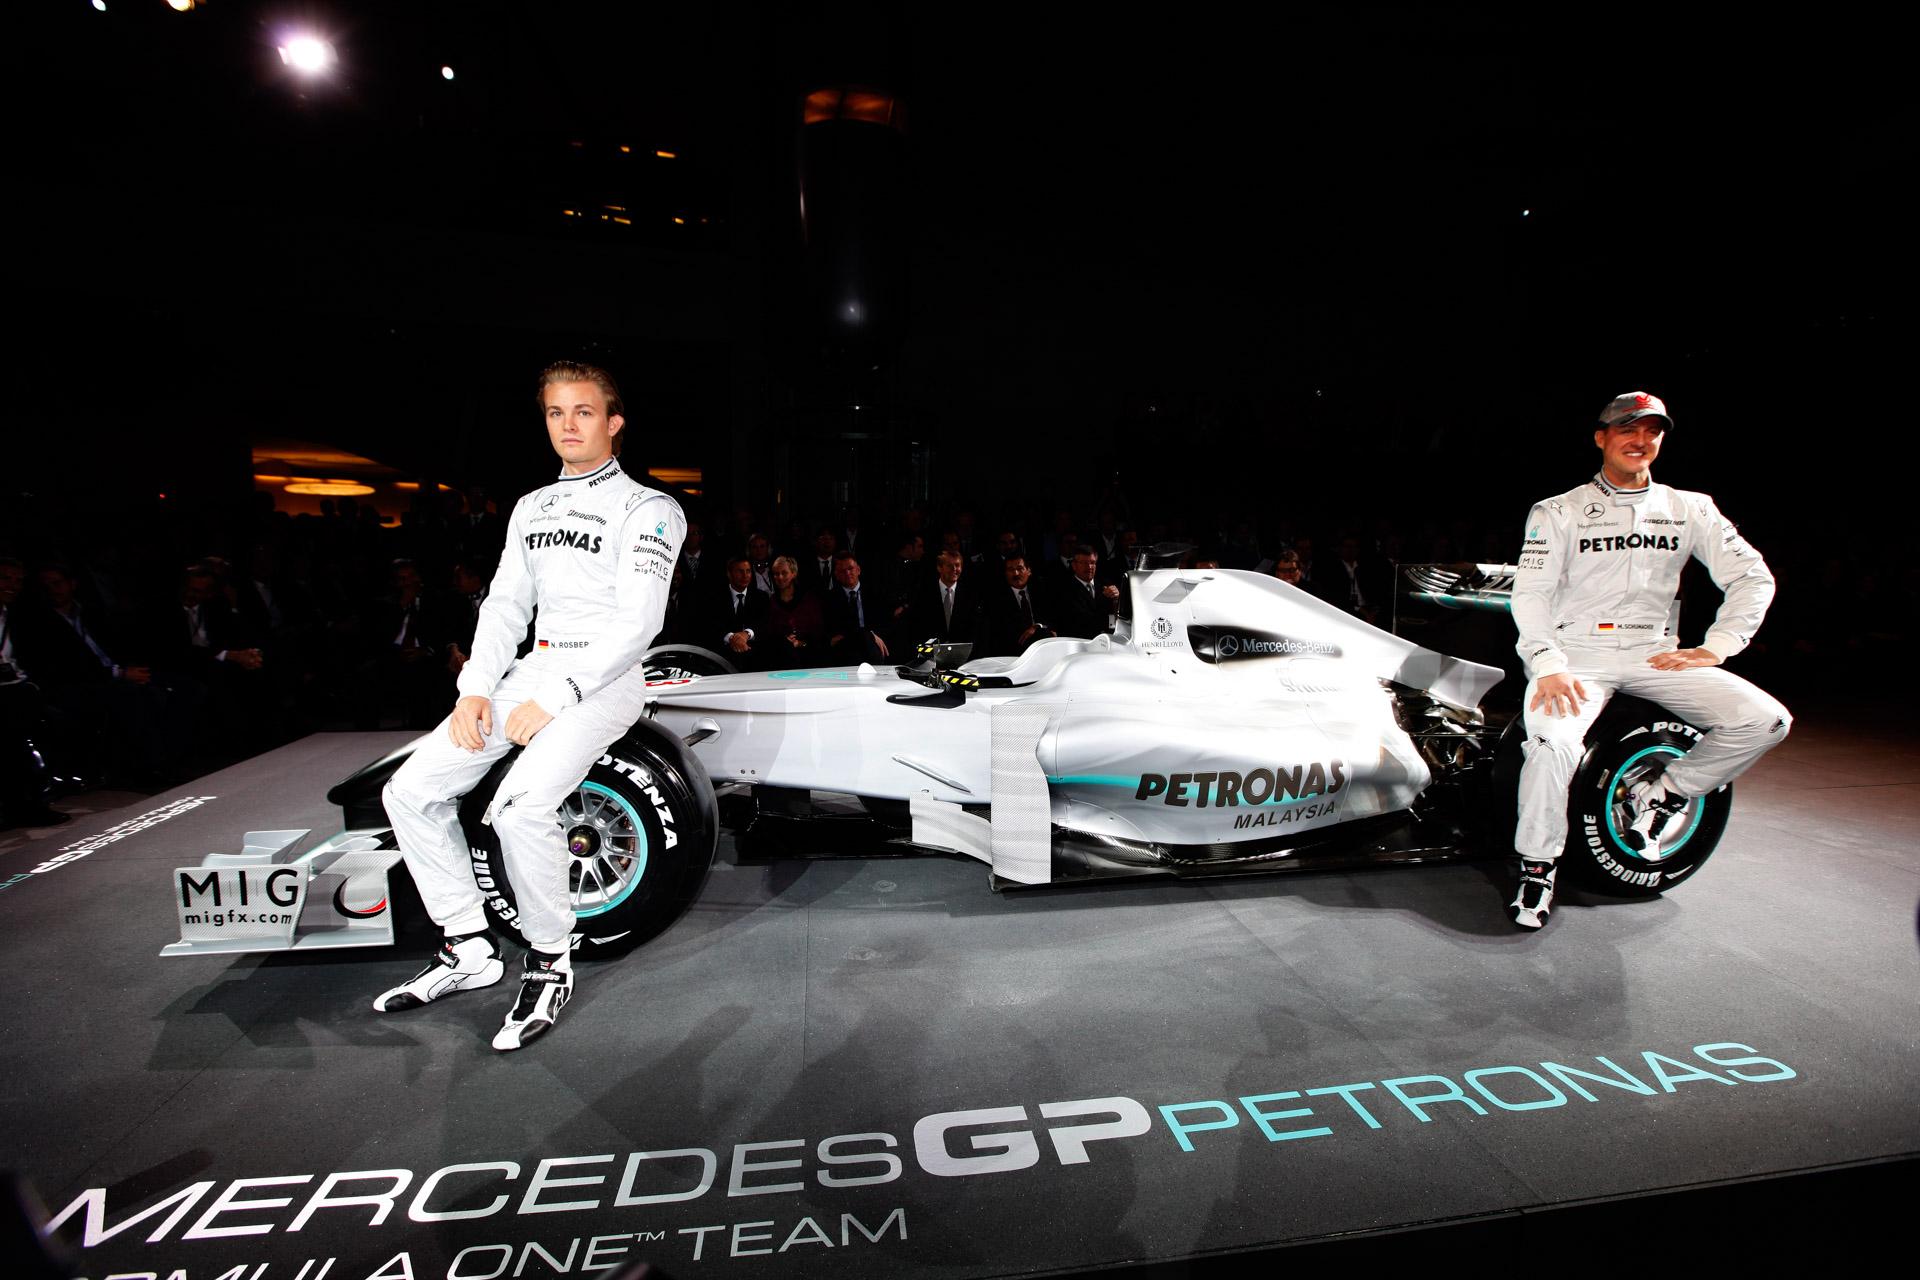 Pressekonferenz im Mercedes-Benz Museum, 25. Januar 2010. Mercedes-Benz stellt sein neues Formel-1-Werksteam MERCEDES GP PETRONAS vor. Die Fahrer für den neuen Silberpfeil sind Nico Rosberg und der siebenmalige Formel-1-Rekordweltmeister Michael Schumacher.